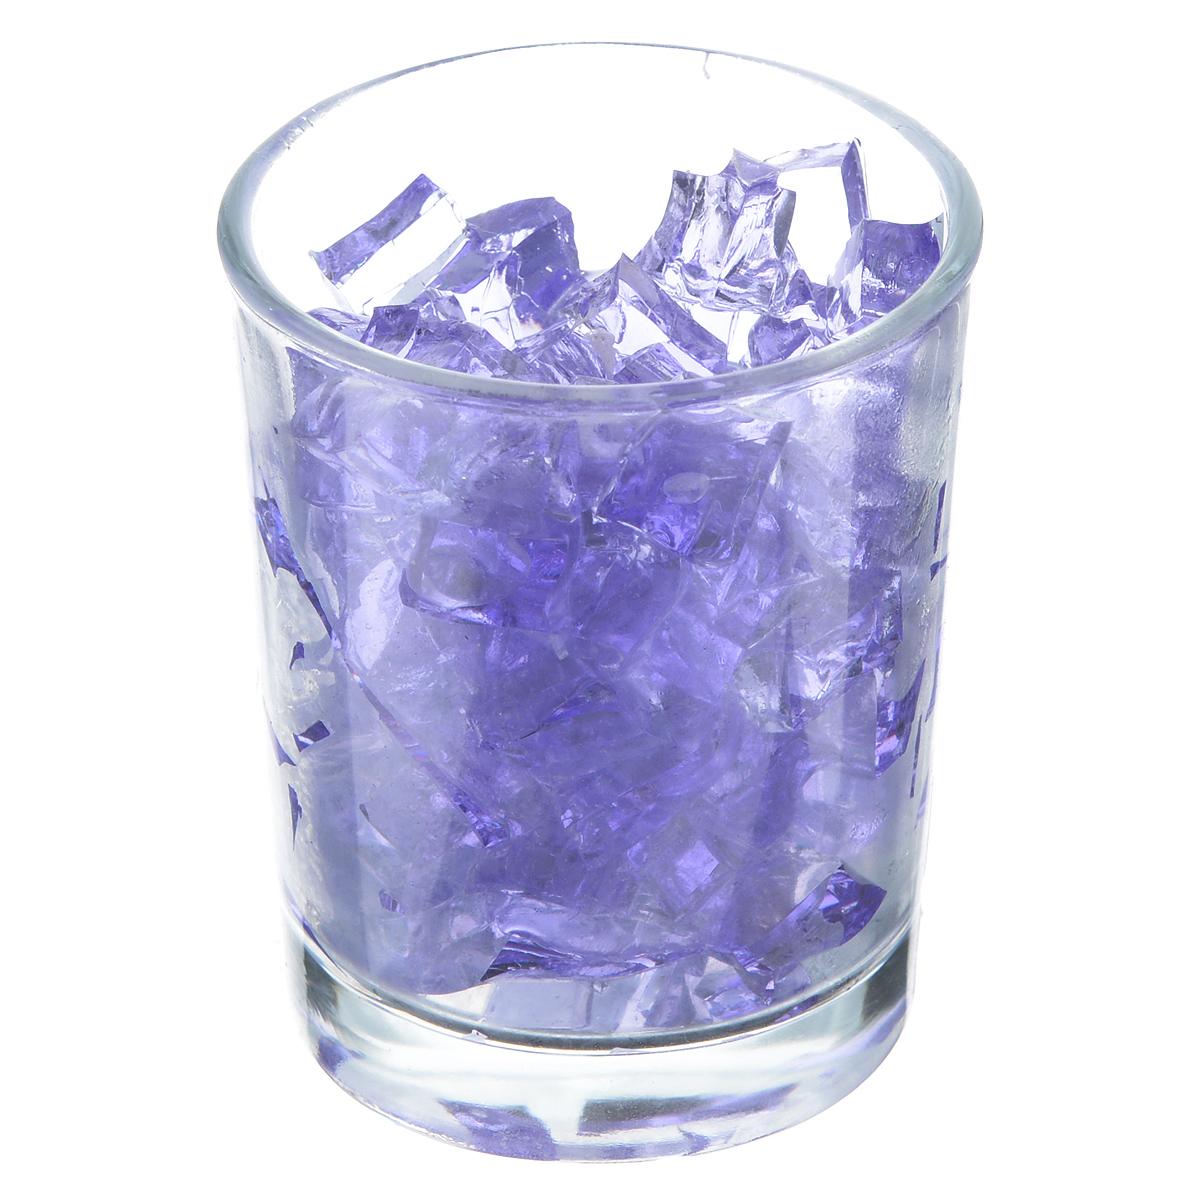 Свеча Sima-land Мармелад, цвет: фиолетовый, высота 6 см895591Свеча Sima-land Мармелад изготовлена из цветного геля и поставляется в подсвечнике в виде стеклянного стакана. Изделие отличается оригинальным дизайном. Такая свеча может стать отличным подарком или дополнить интерьер вашей комнаты.